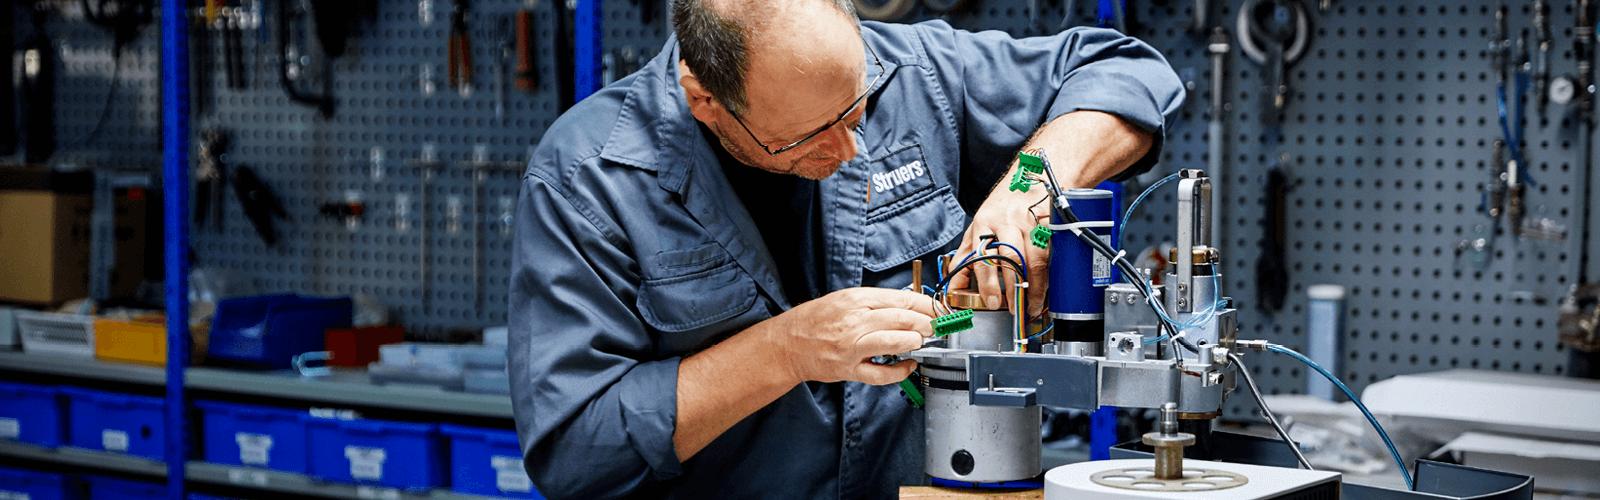 Struers Workshop Repair Service